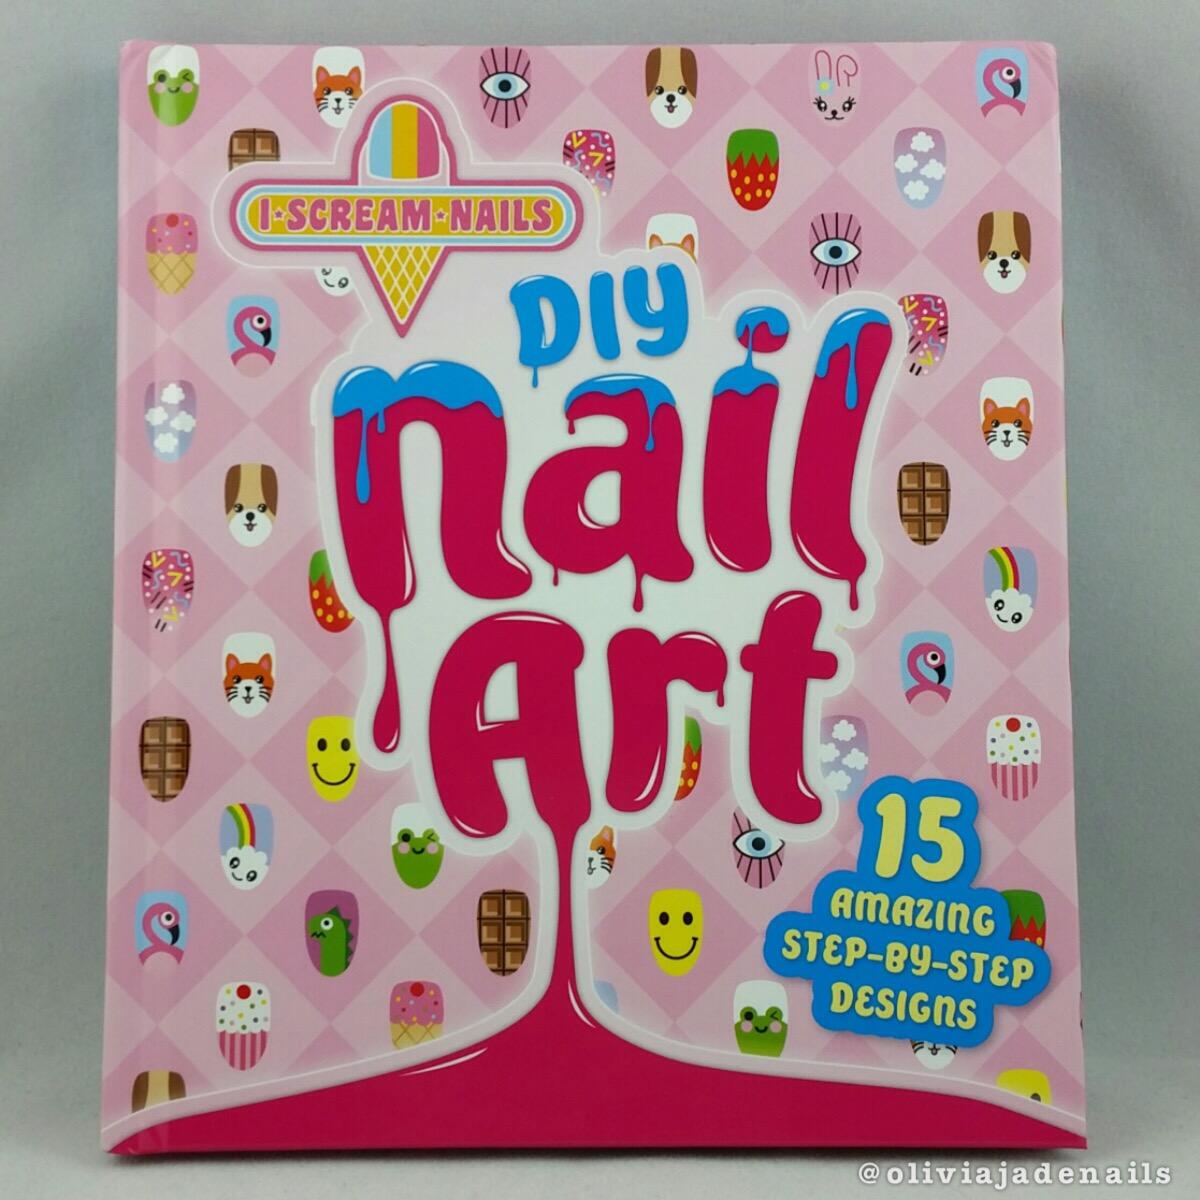 Olivia Jade Nails I Scream Nails Diy Nail Art Book Review